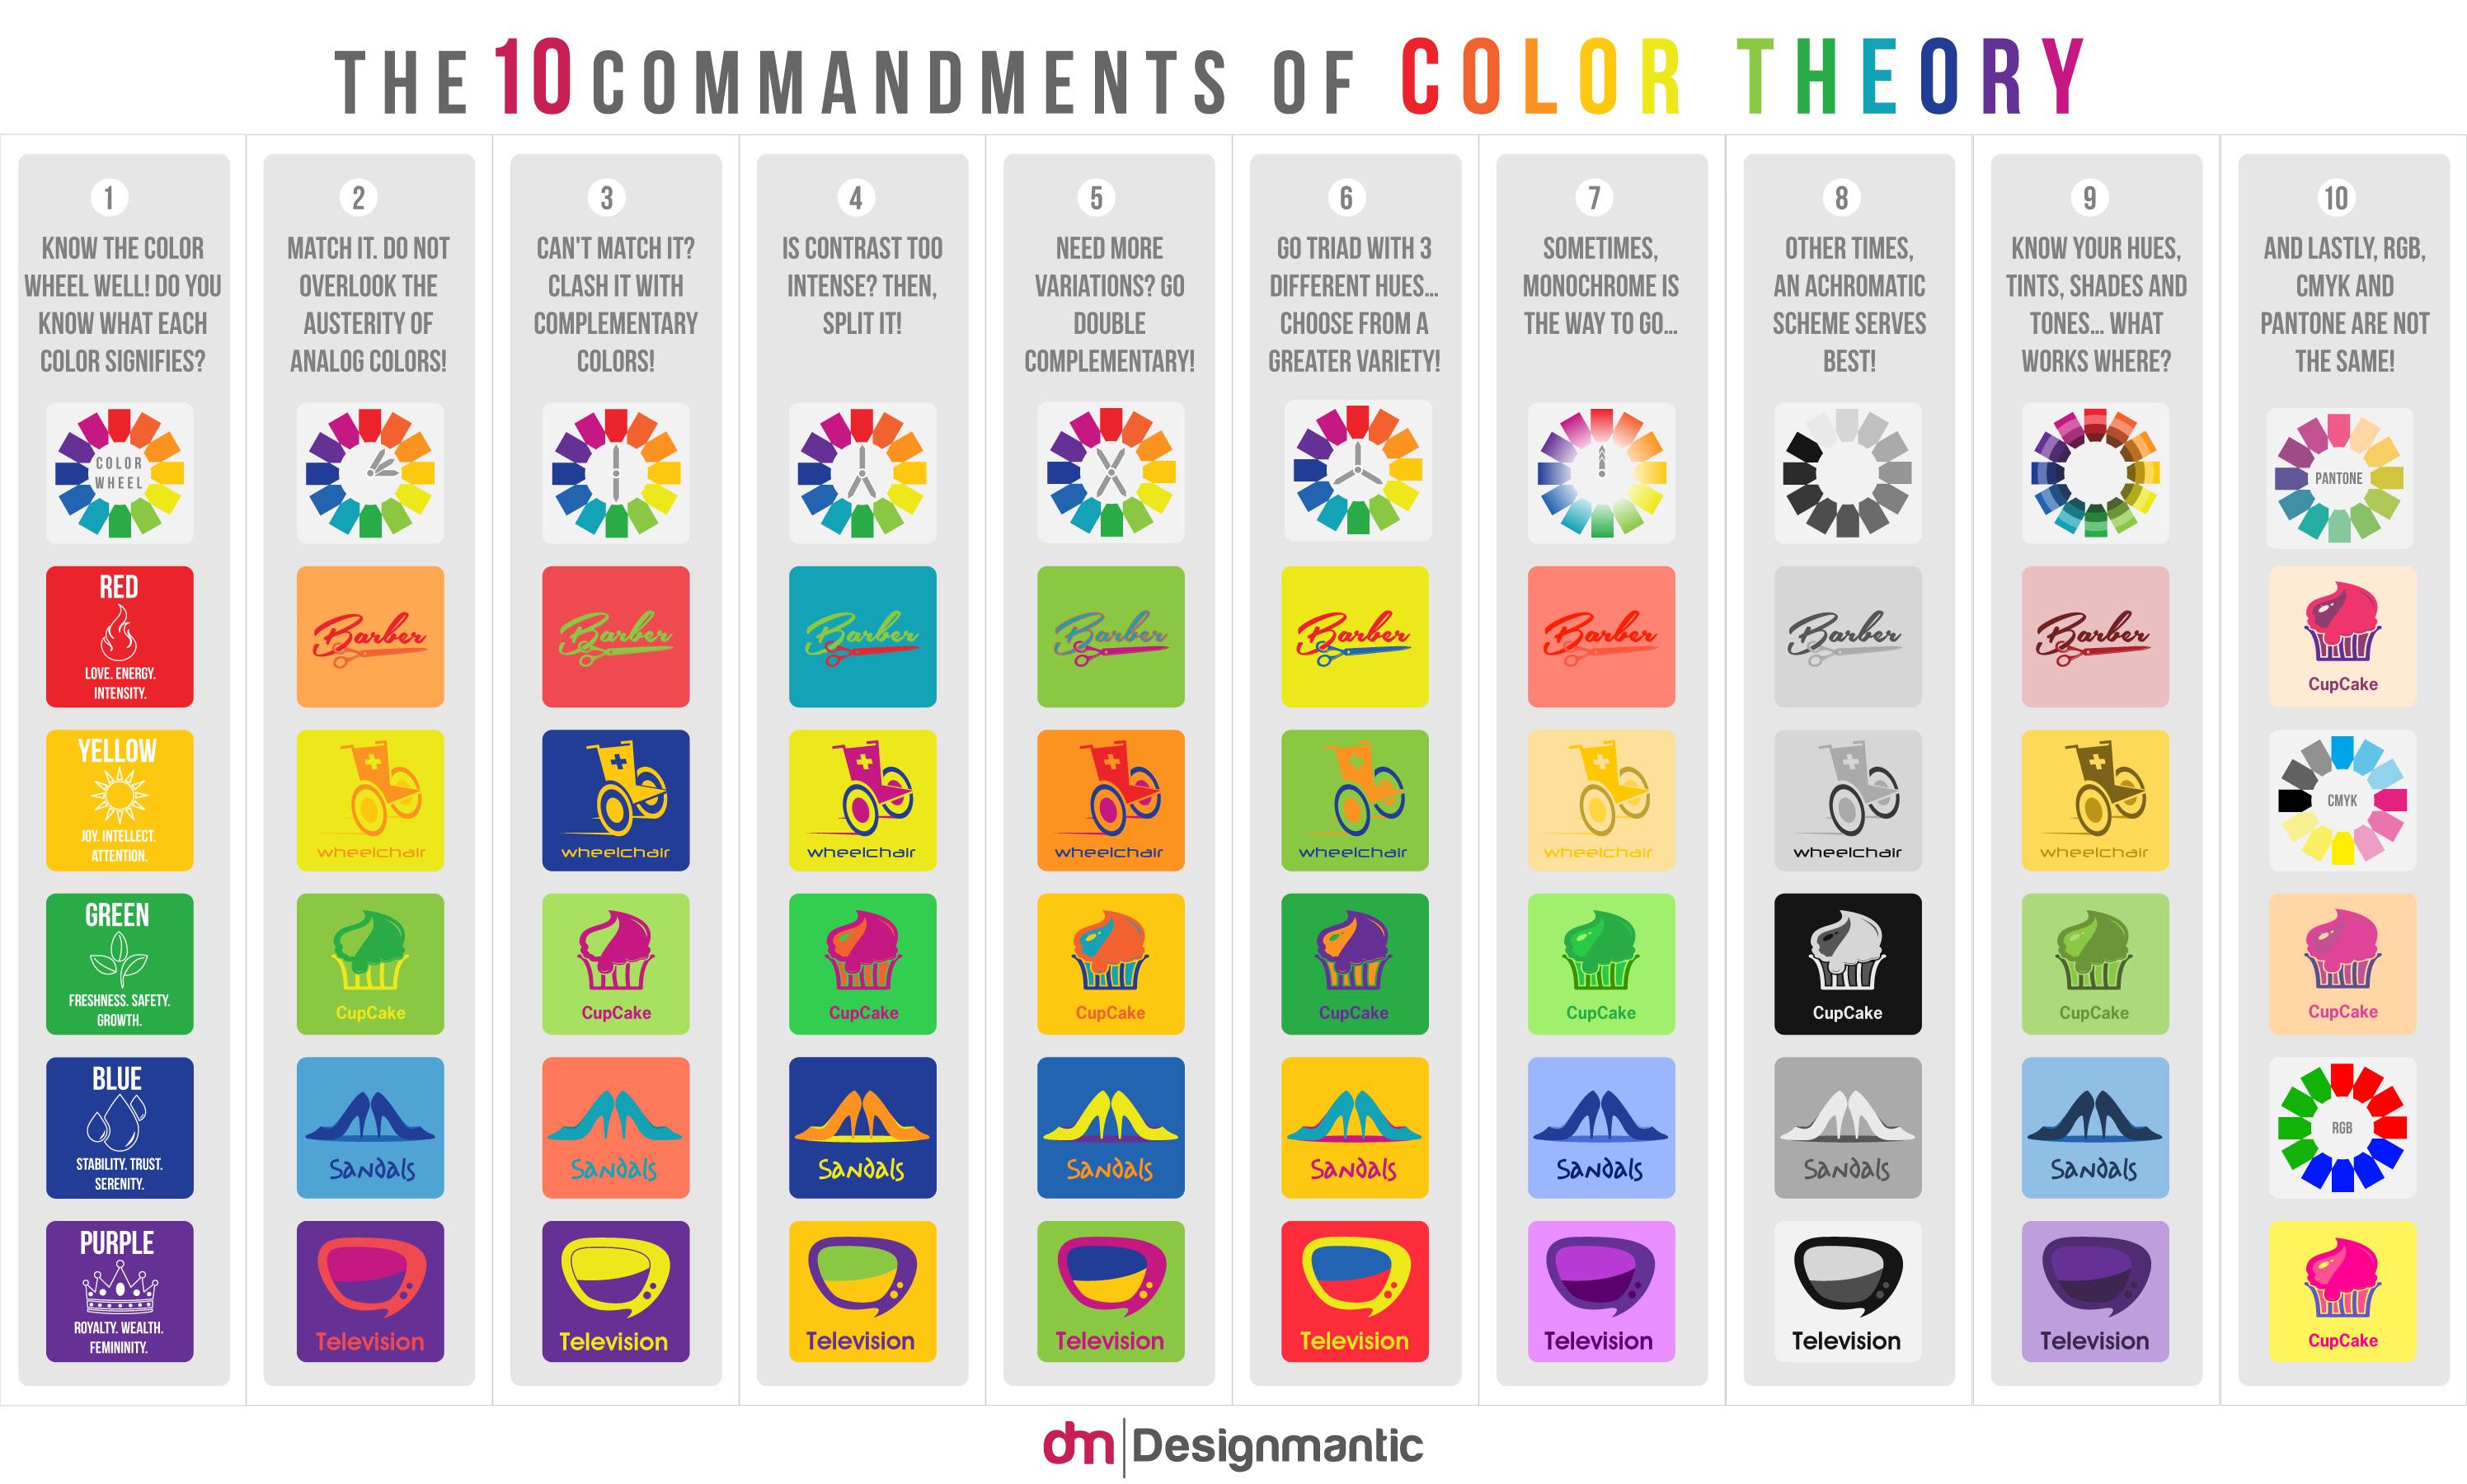 Los 10 mandamientos de la teoría del color | Waarket